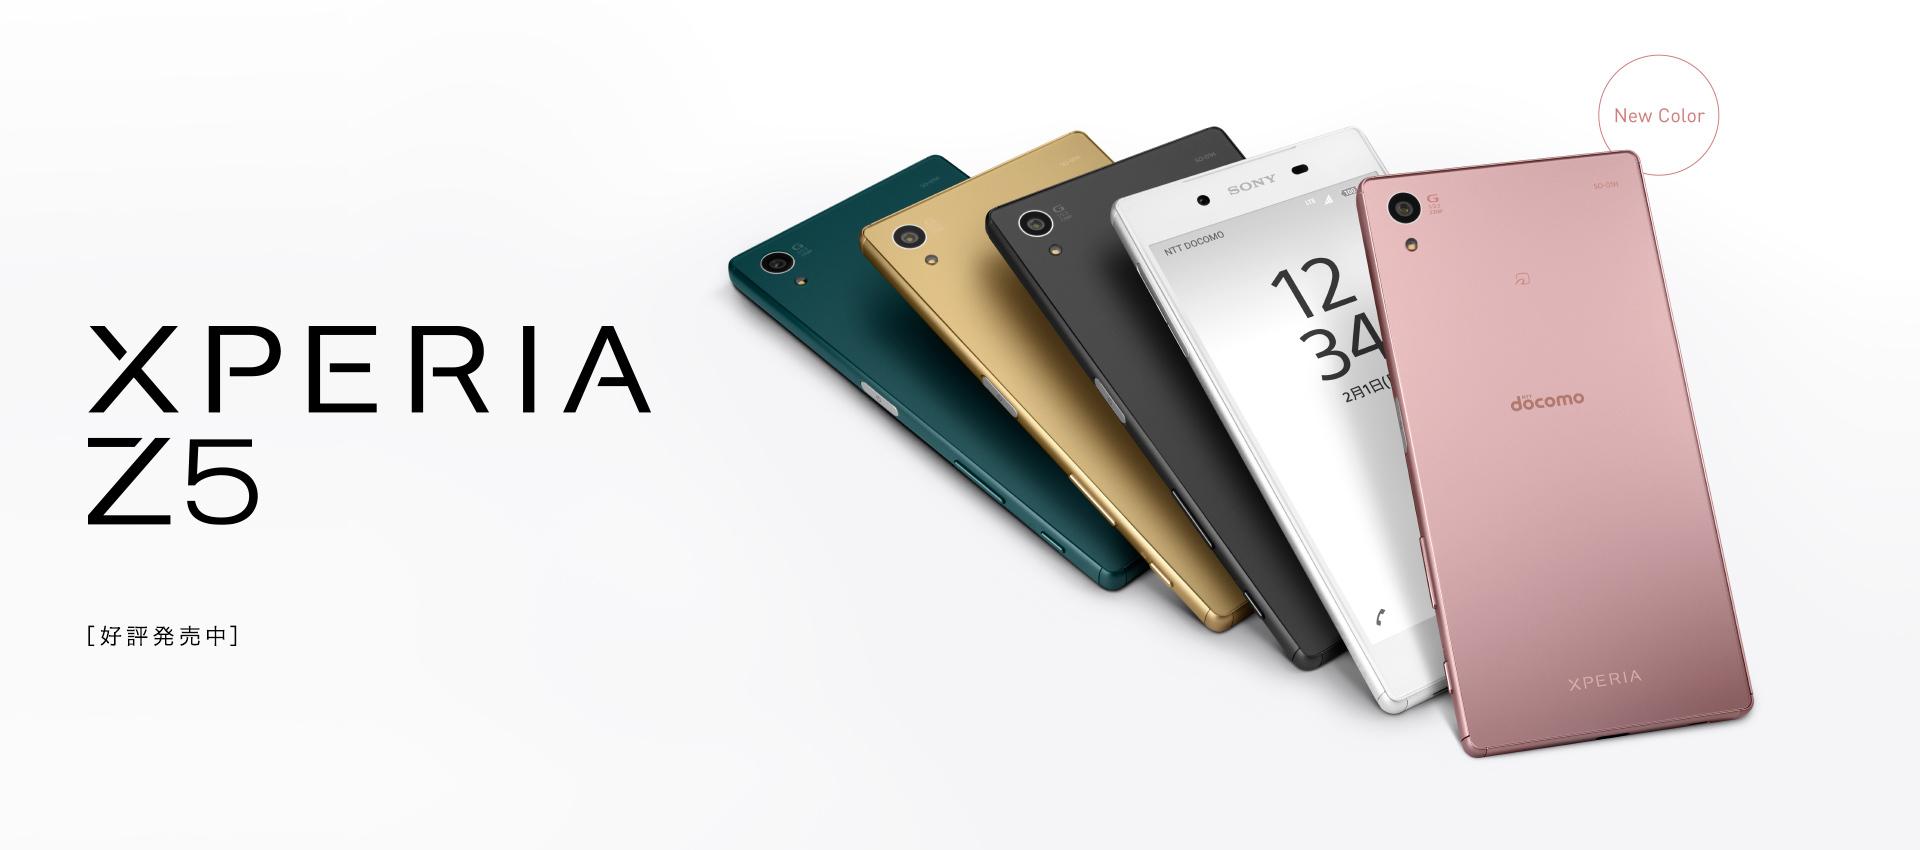 この前買った「Xperia Z5」の感想